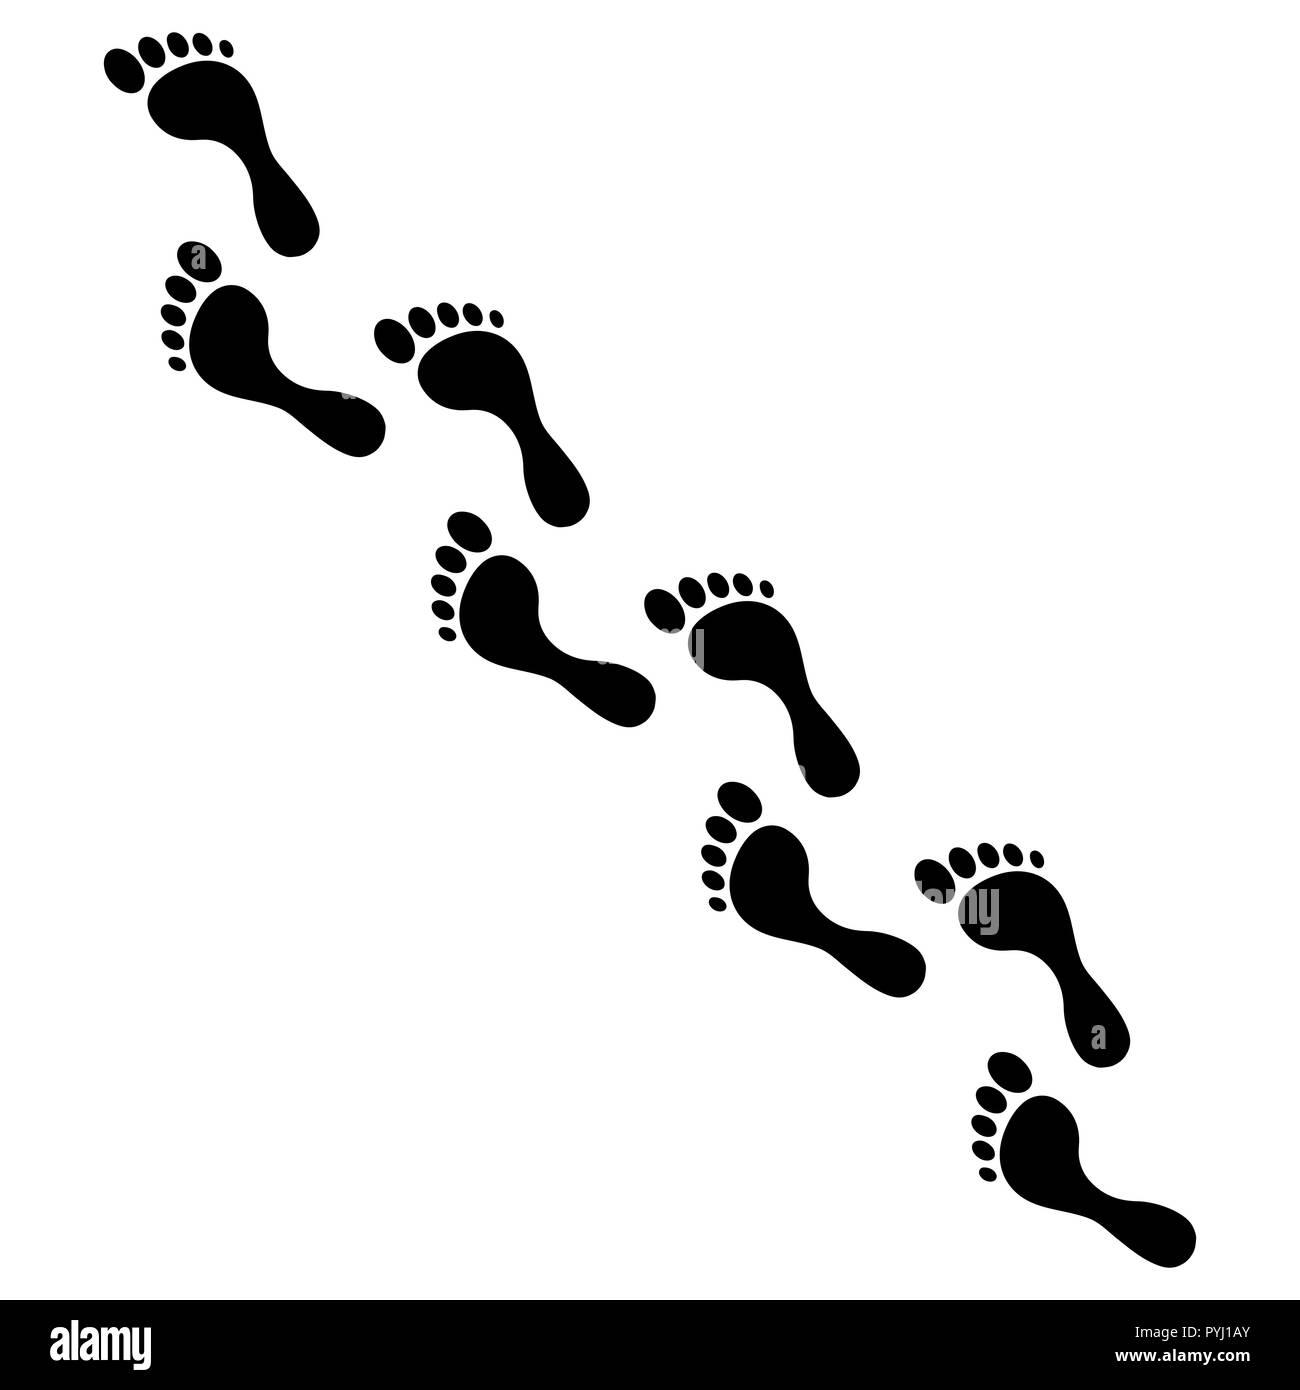 Human foot steps vector illustration - Stock Vector